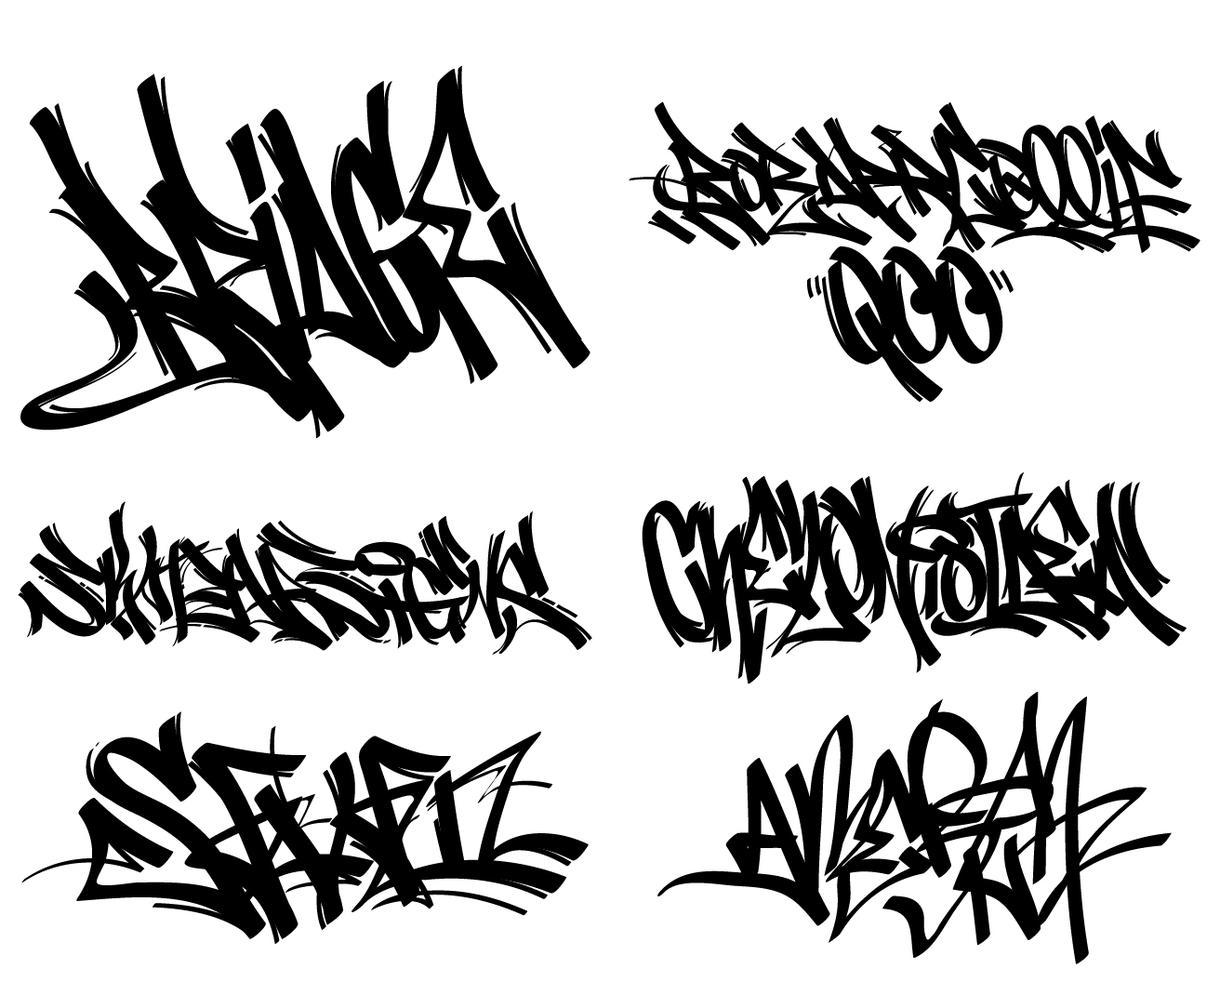 世界に1つあなただけのグラフィティ書きます 好きな単語・言葉、チーム名、ペットのお名前、など制作します。